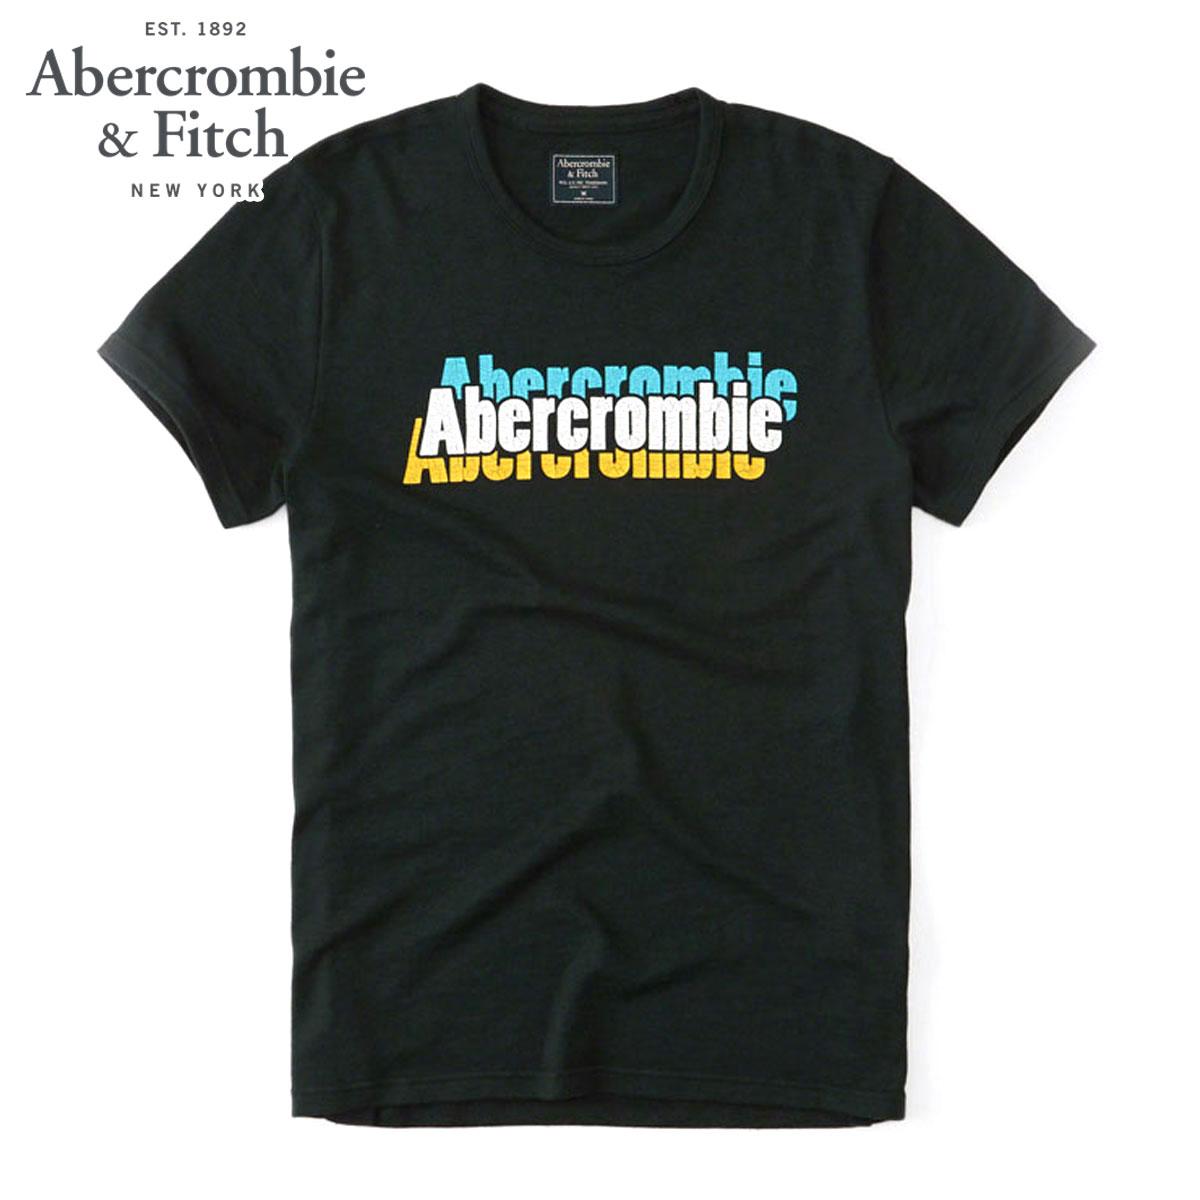 アバクロ Abercrombie&Fitch 正規品 メンズ 半袖Tシャツ PRINT LOGO TEE 123-238-2097-300 D00S20